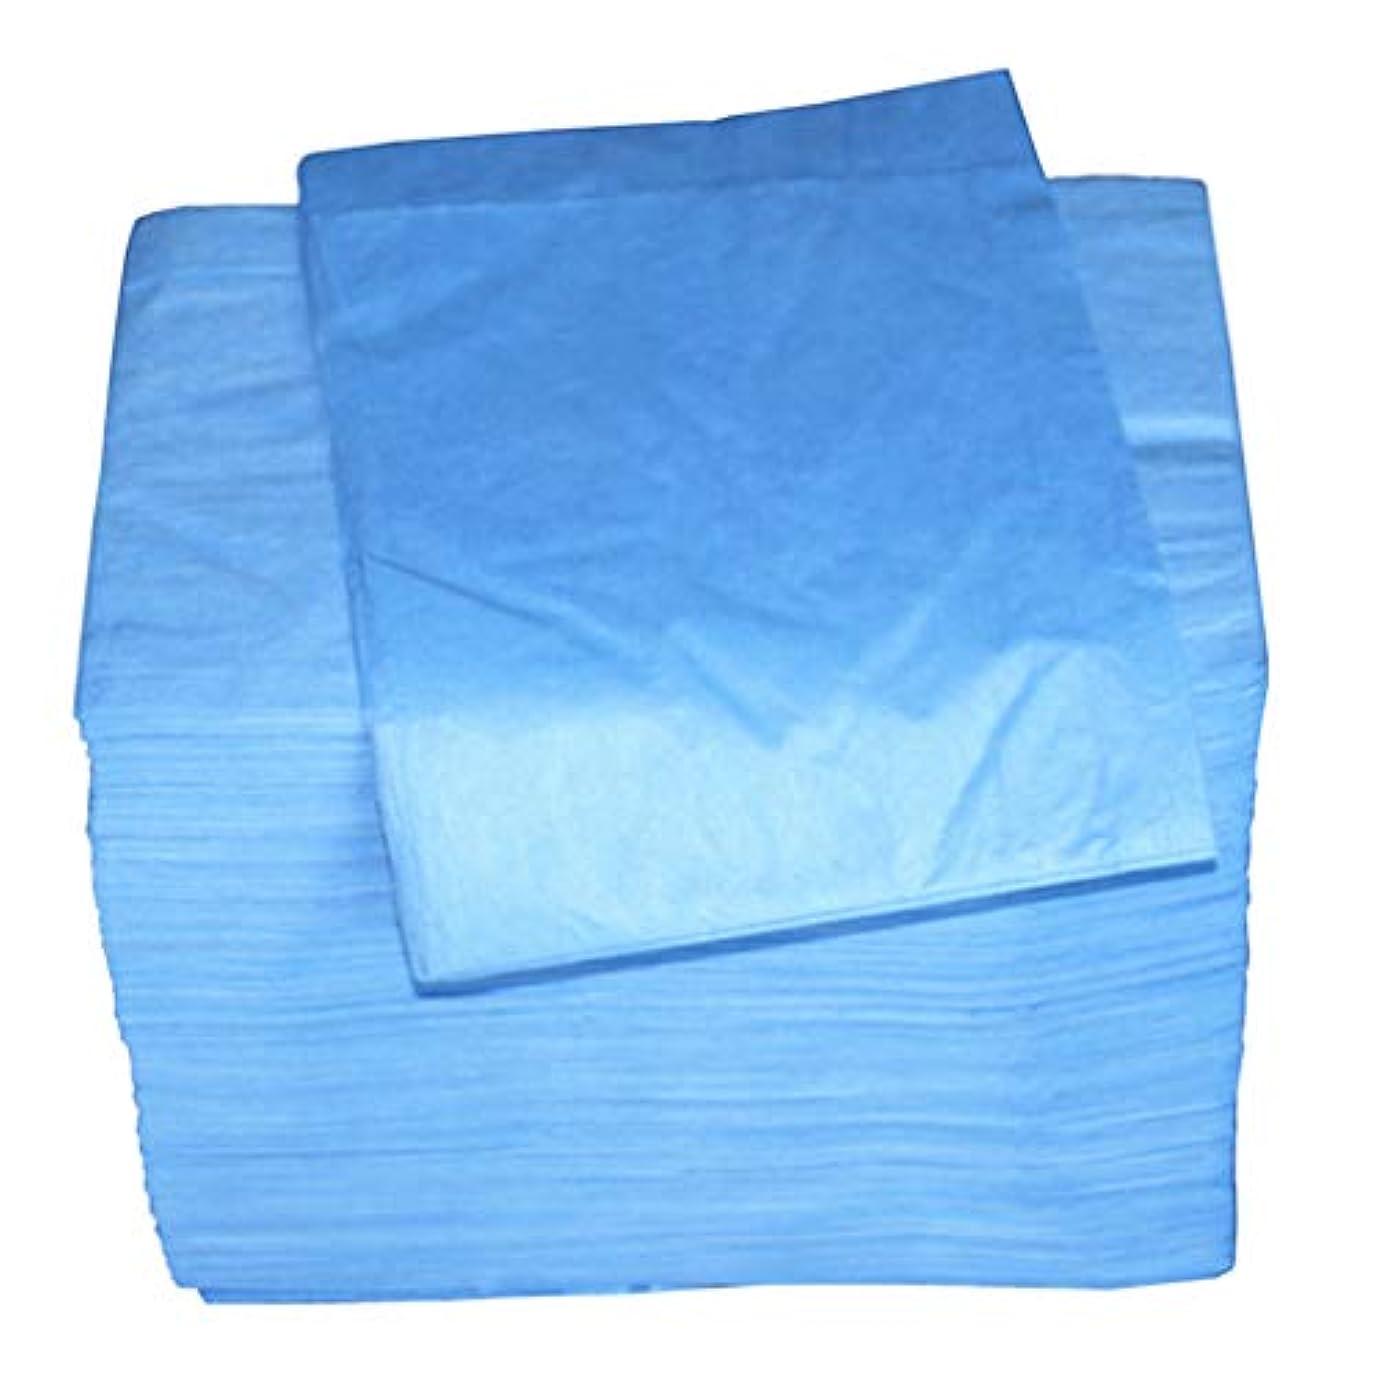 勉強する八百屋ひねくれたマッサージ テーブルシーツ 使い捨て 安全衛生 約100個セット 全2色 - 青